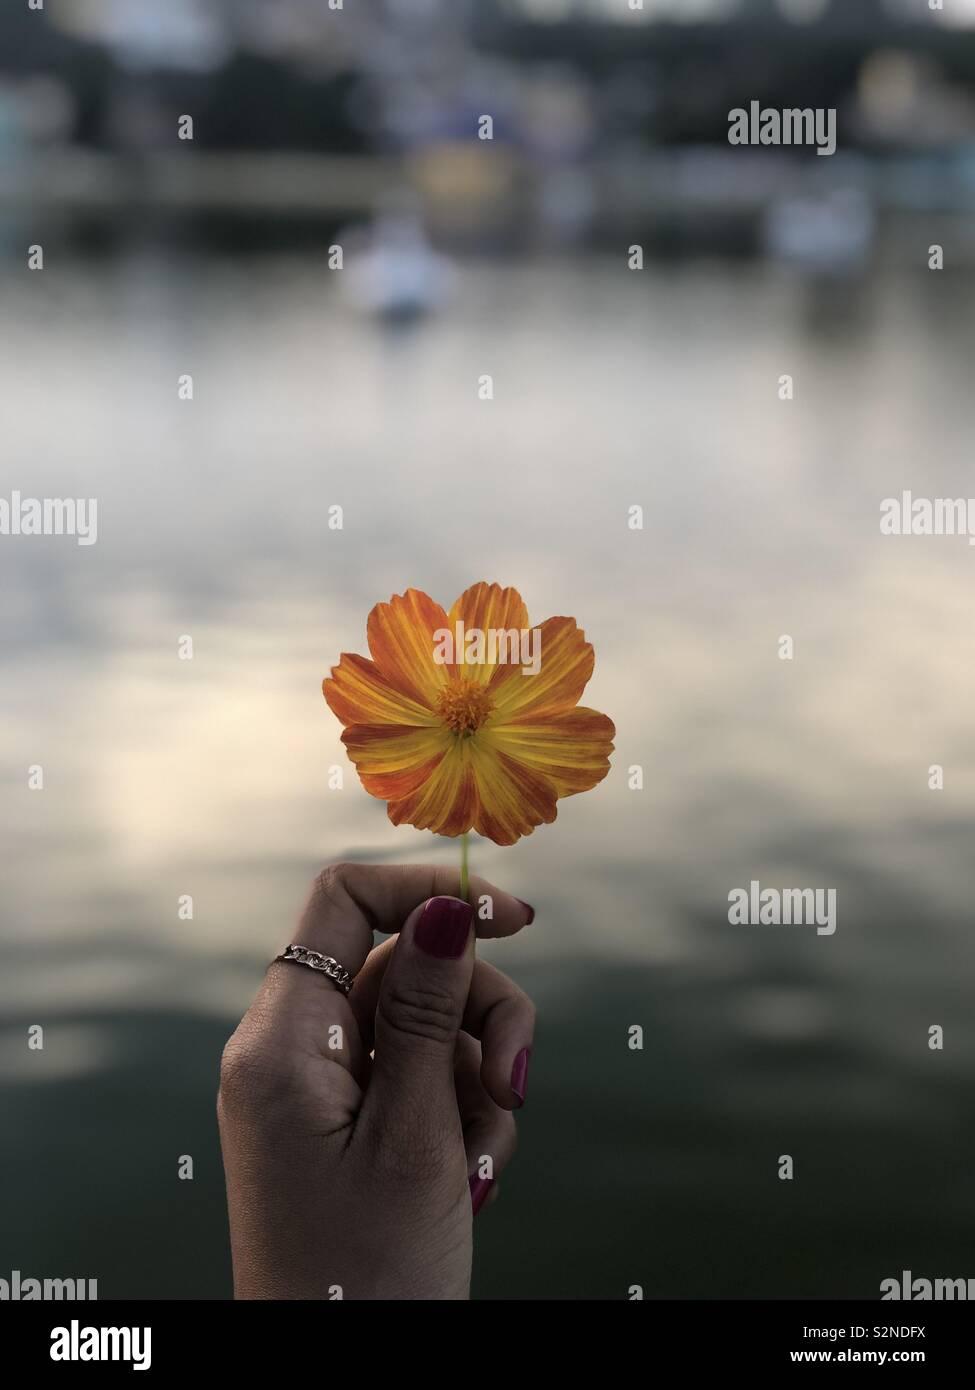 Natureza refletida núcleos nas de uma flor Imagen De Stock